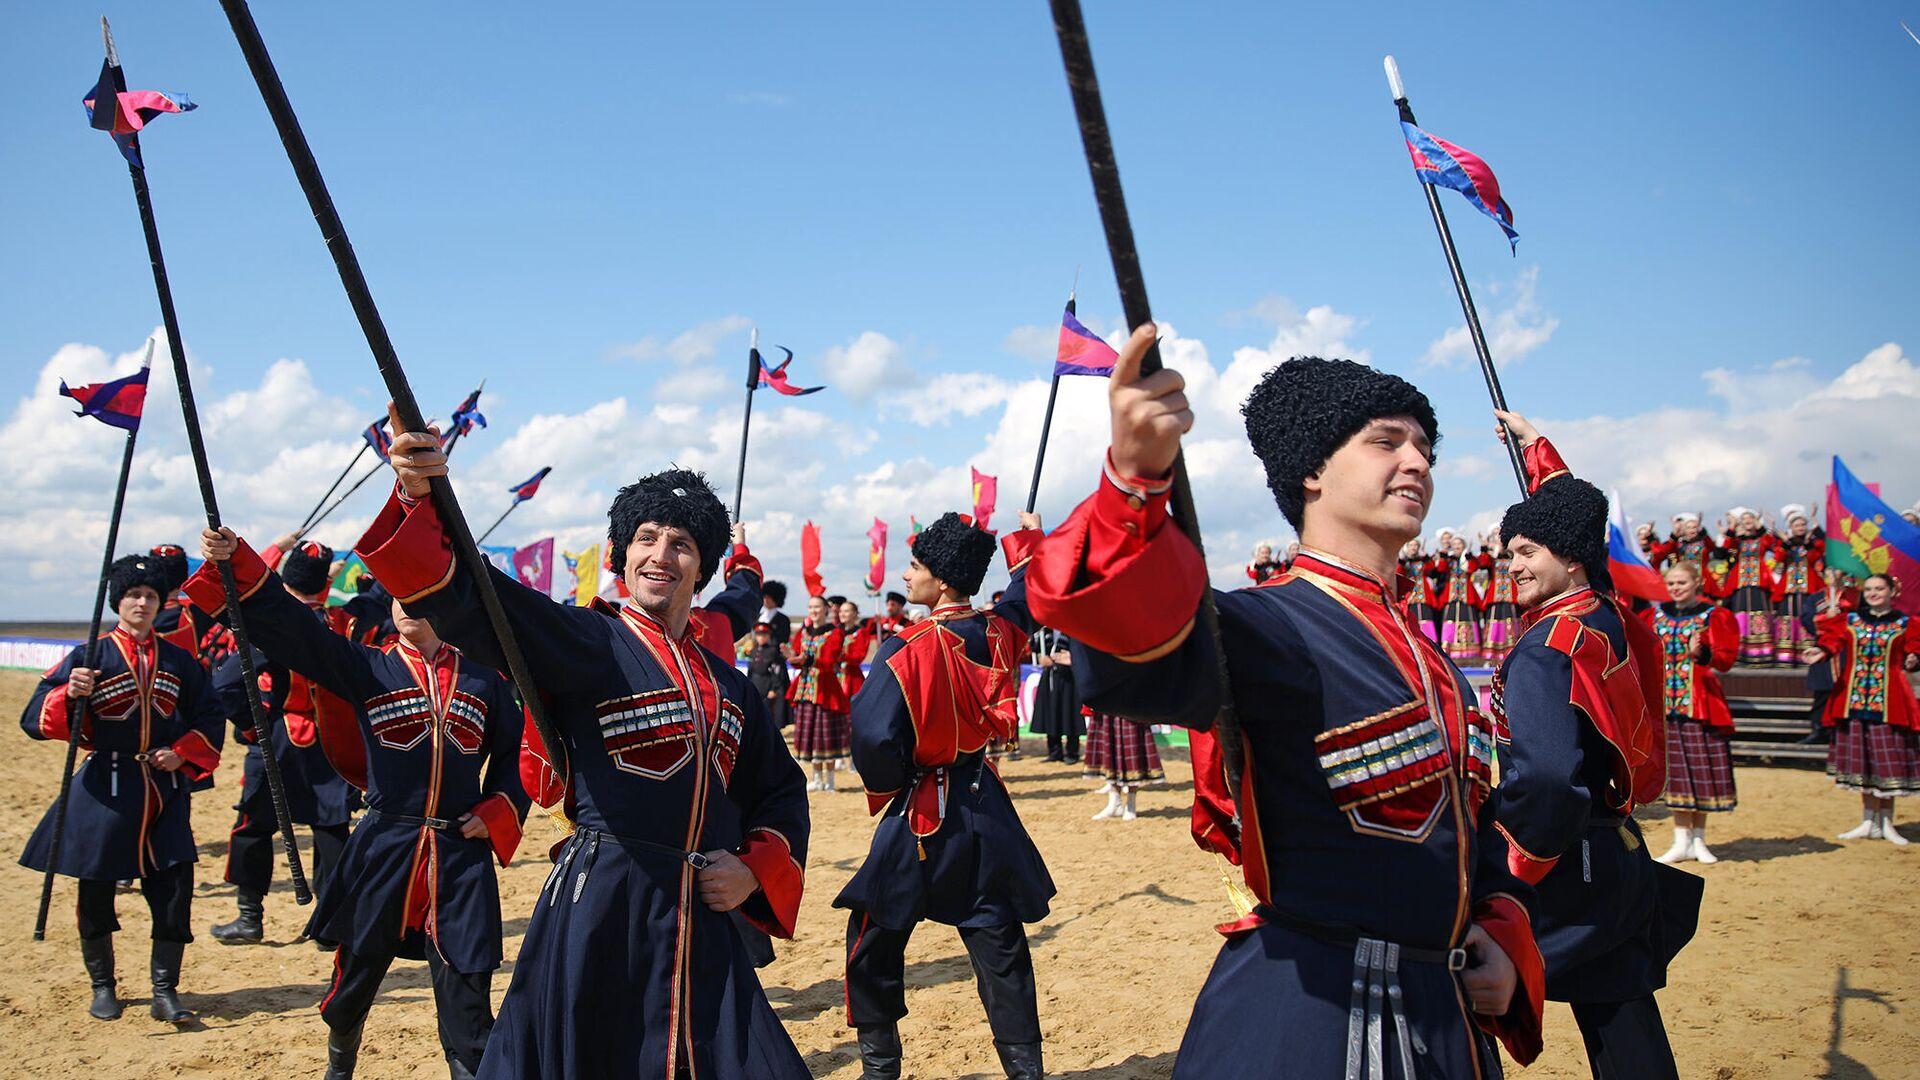 Участники театрализованного представления на территории этнографического комплекса Атамань - РИА Новости, 1920, 19.04.2021